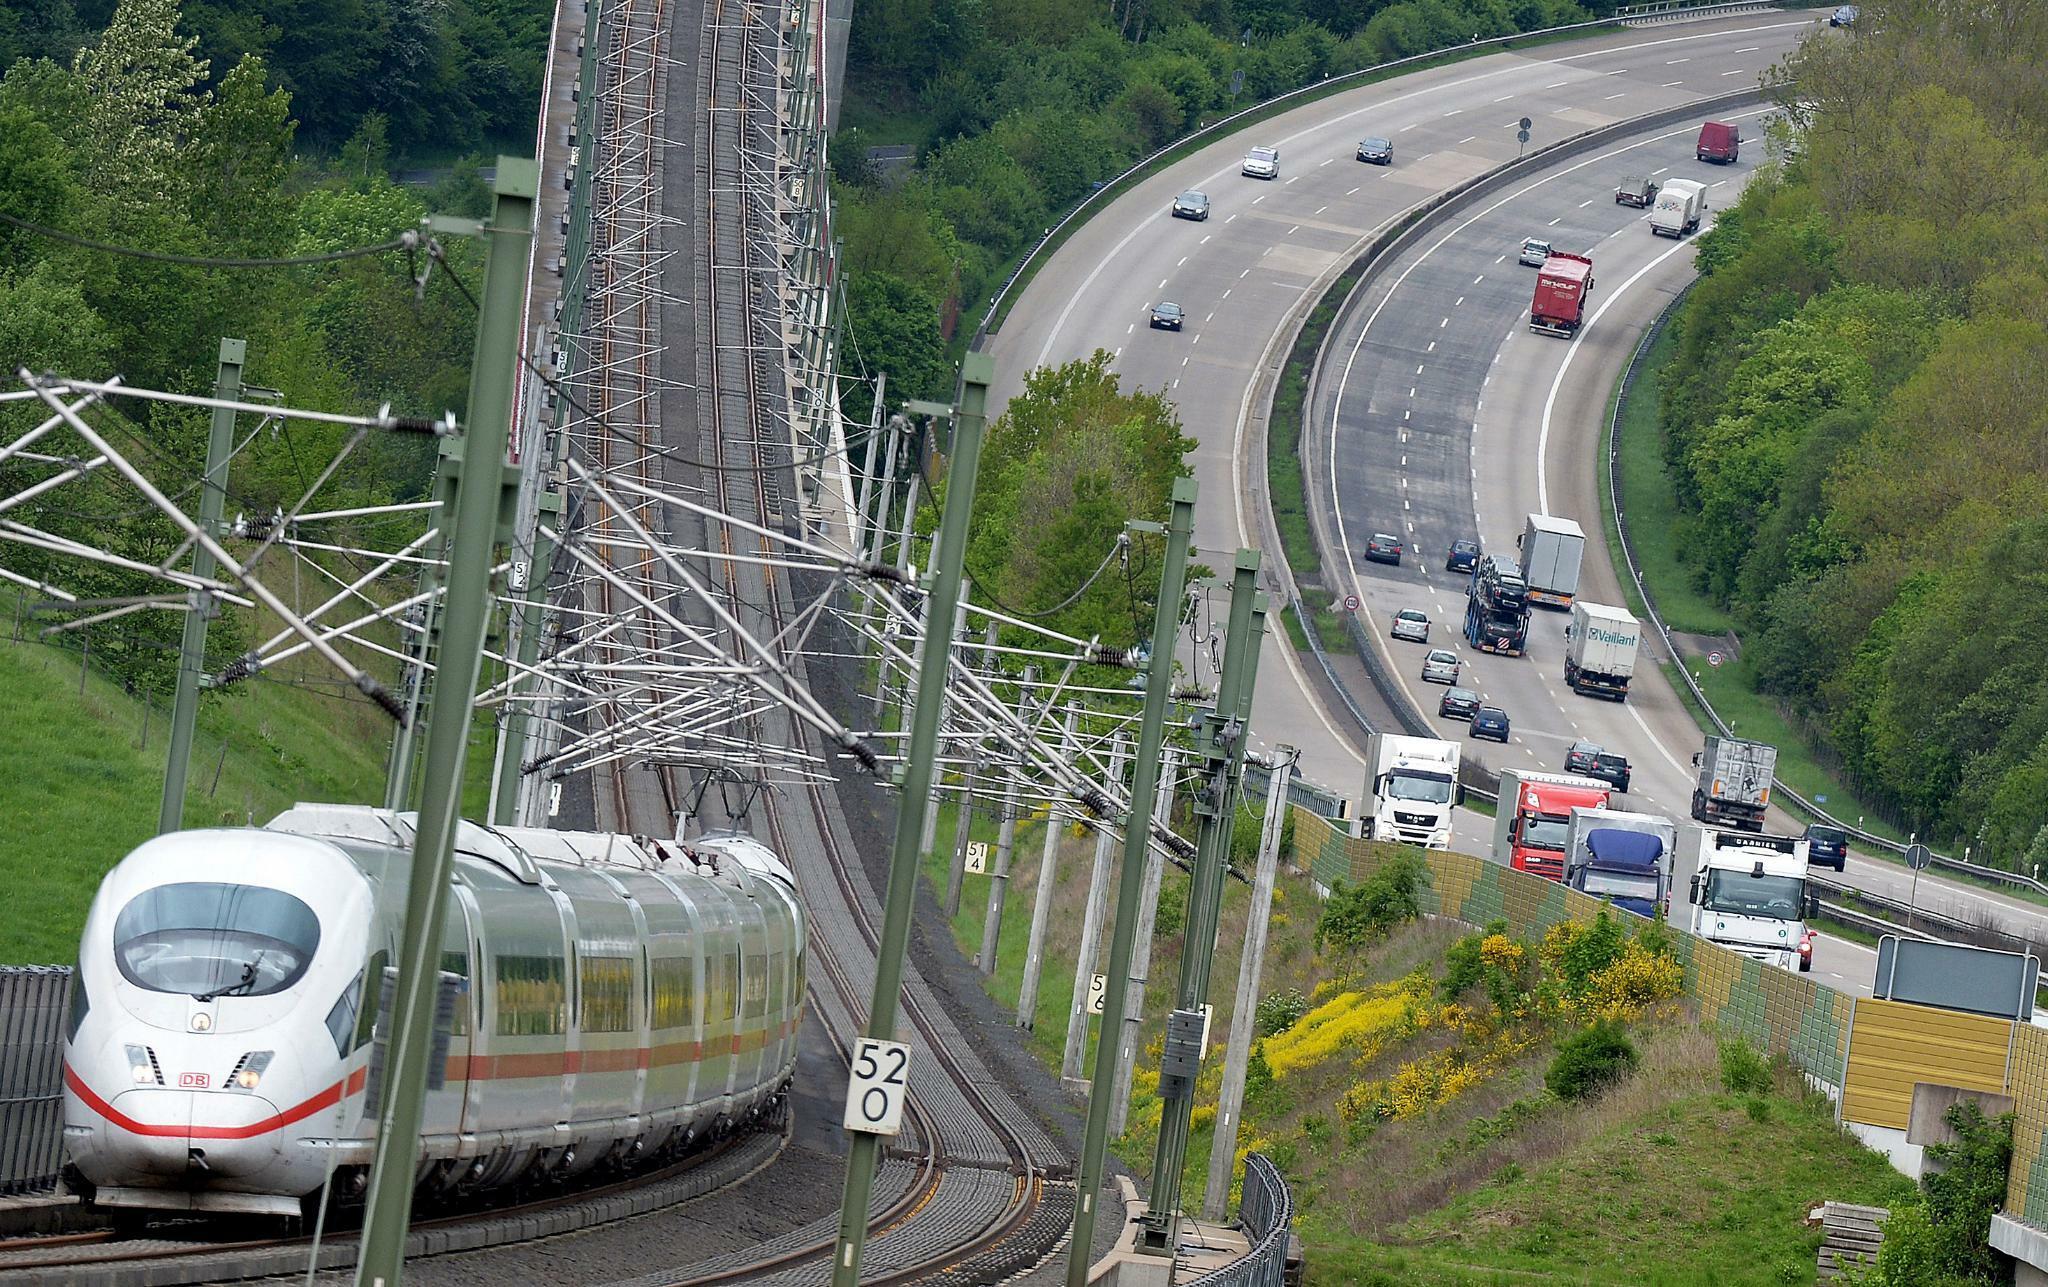 Erneuerbare Energien: Deutsche Bahn startet europaweite Ausschreibung für grünen Strom